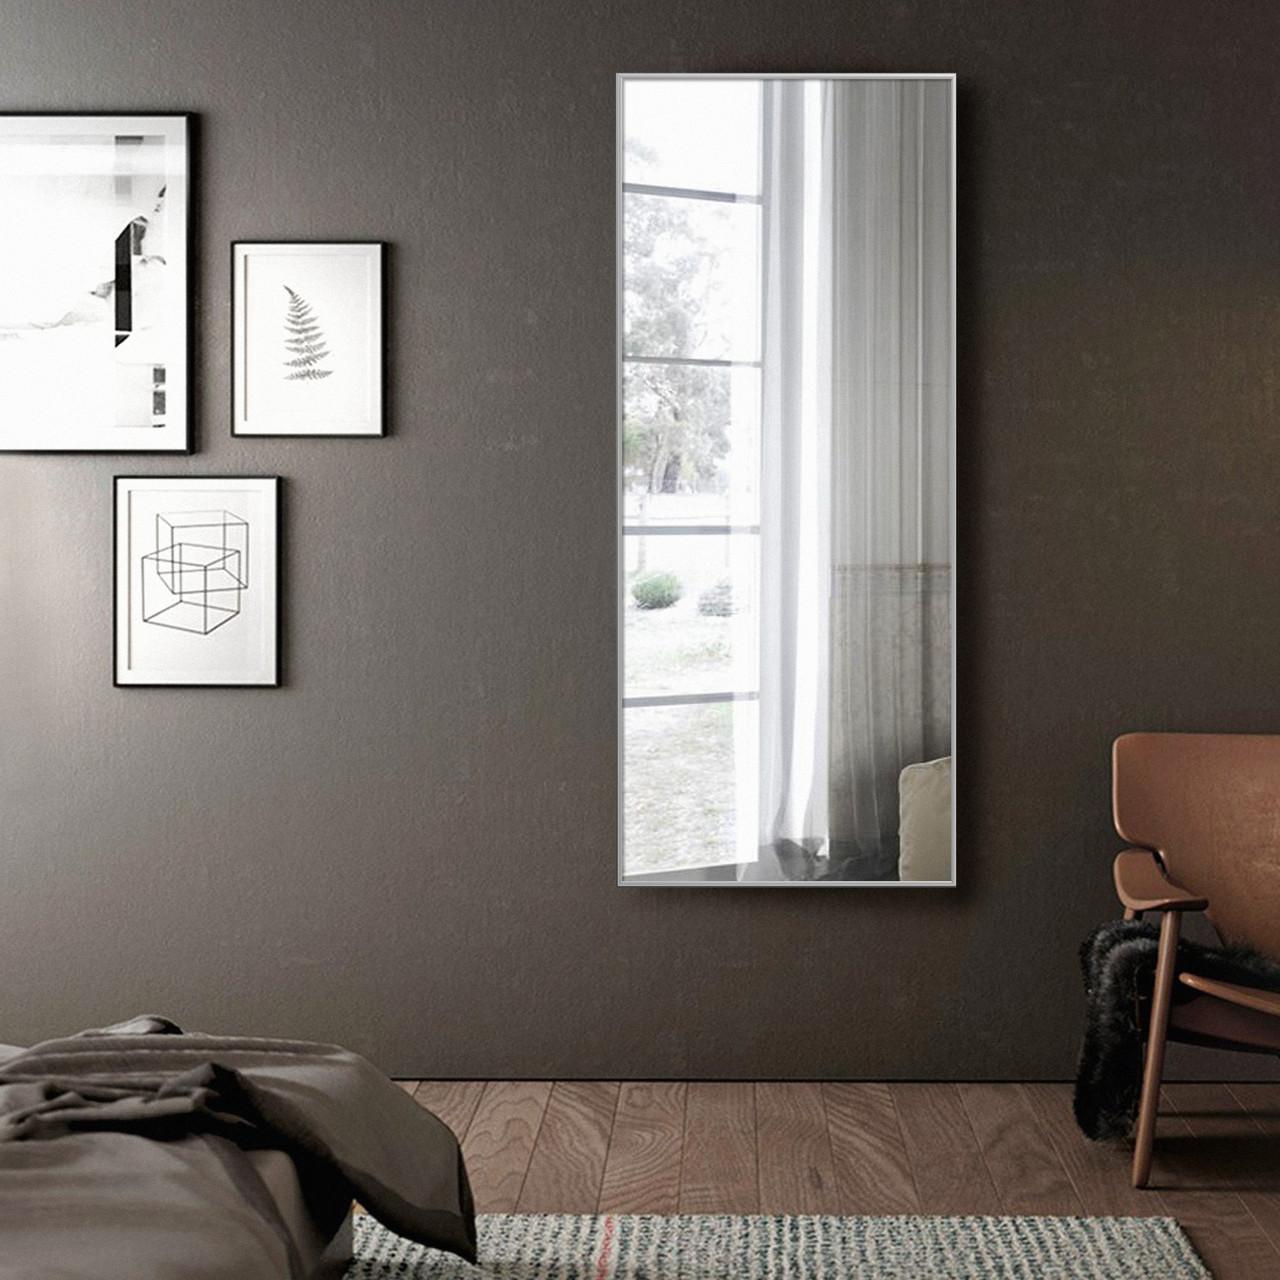 Зеркало в серой алюминиевой раме | Дзеркало в сірій алюмінієвій рамі